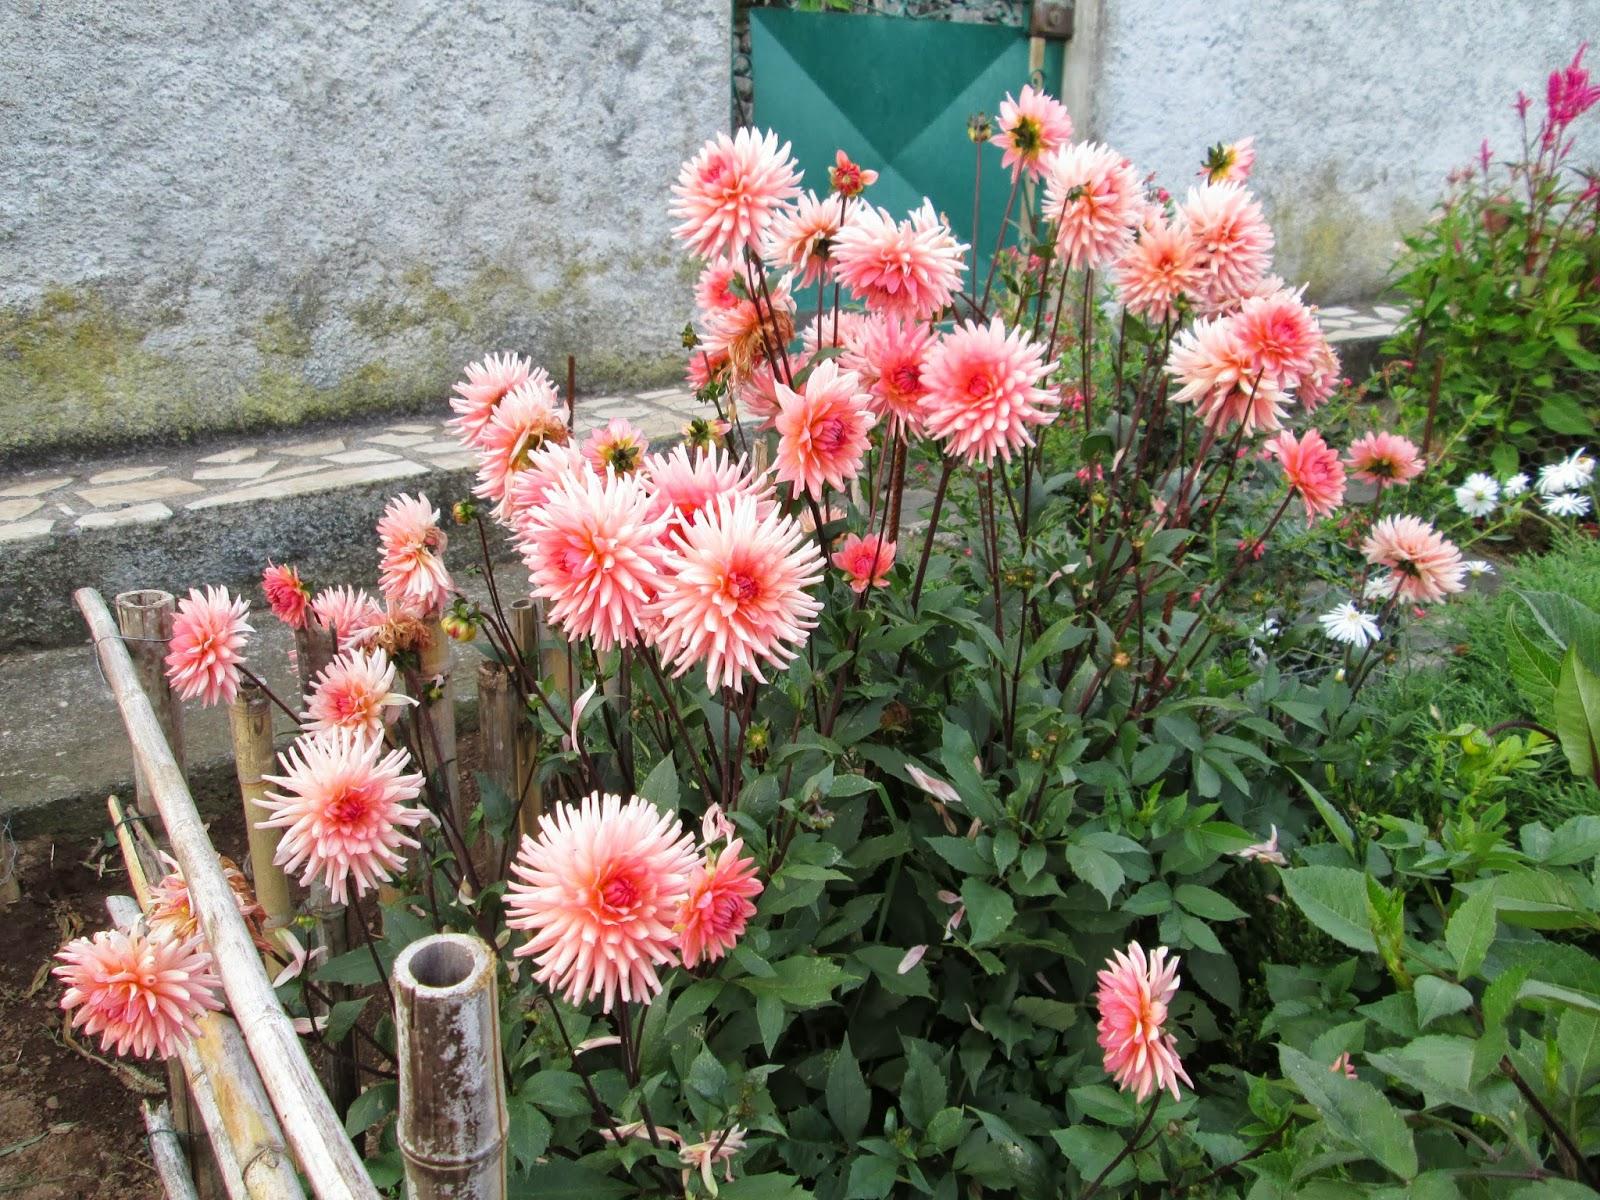 flores jardim sardinheiras ? Doitri.com